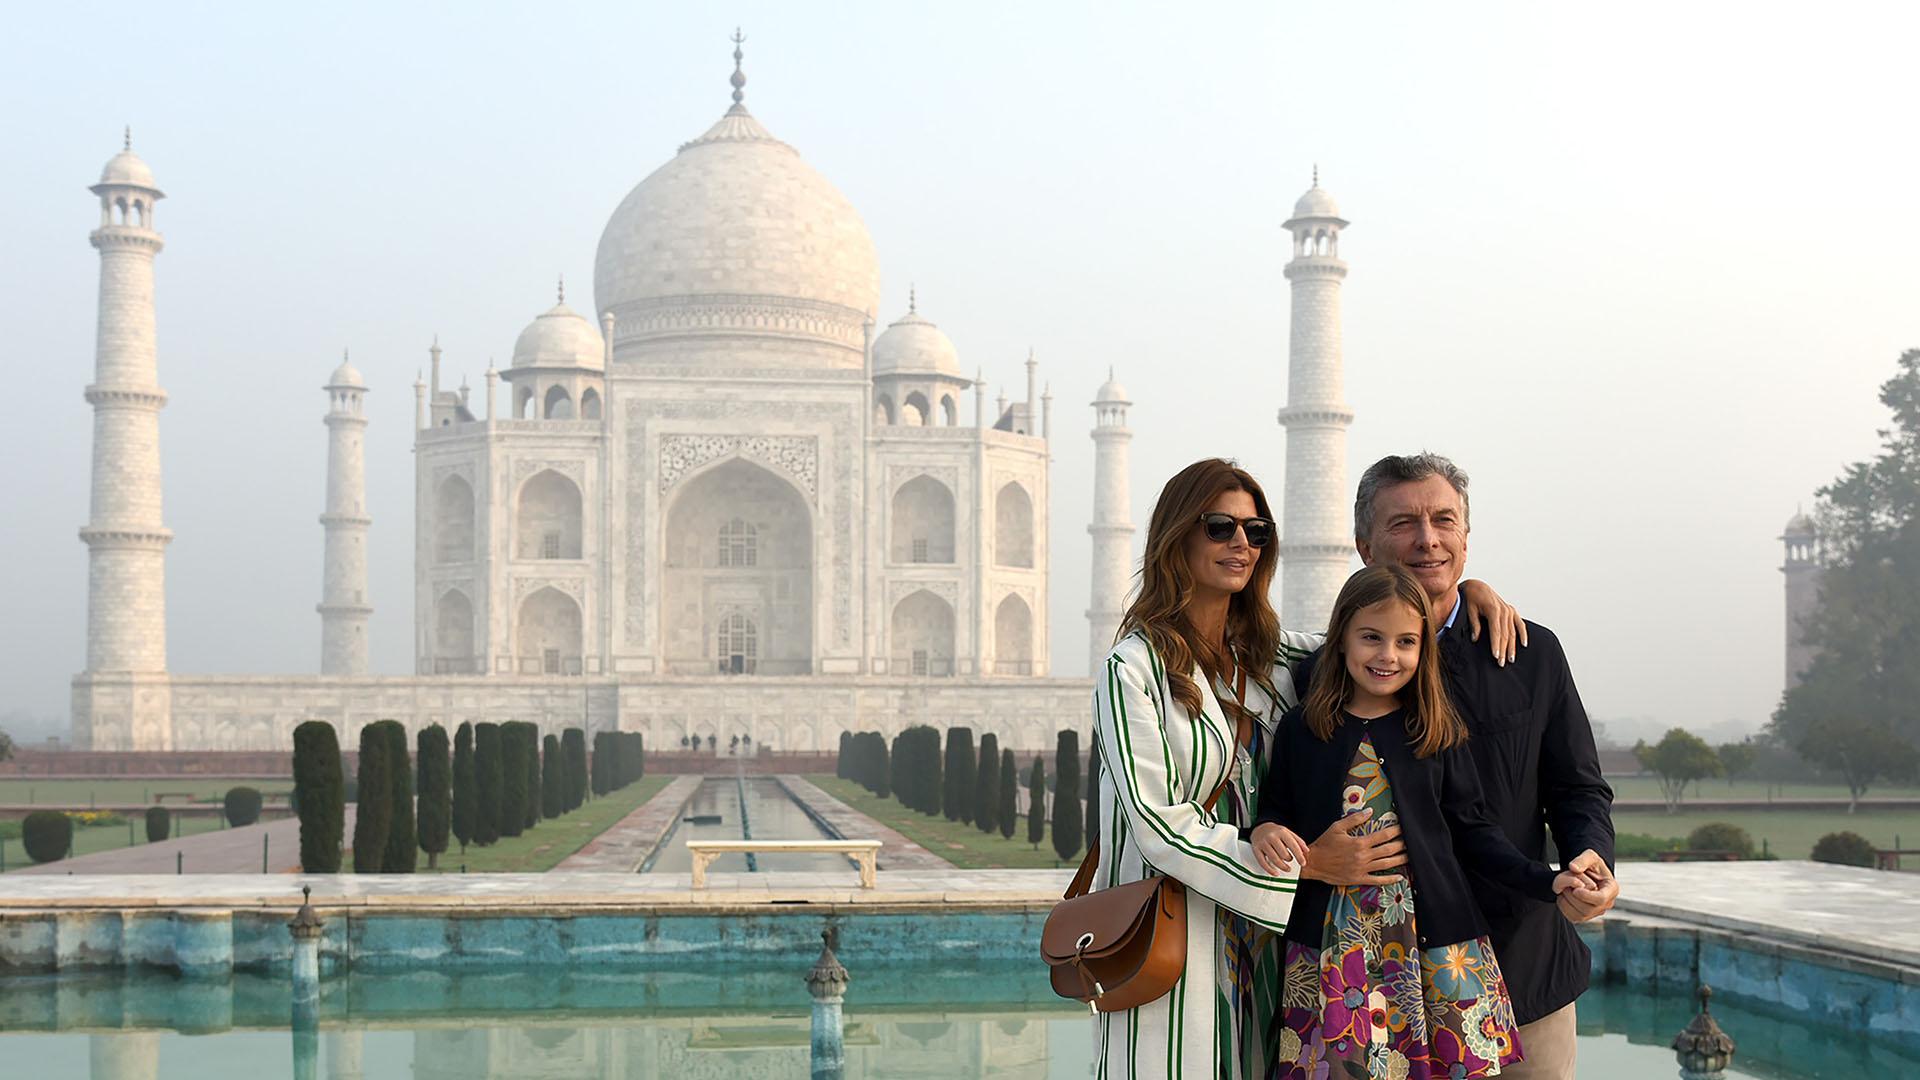 El Presidente y su familia visitaron el Taj Mahal